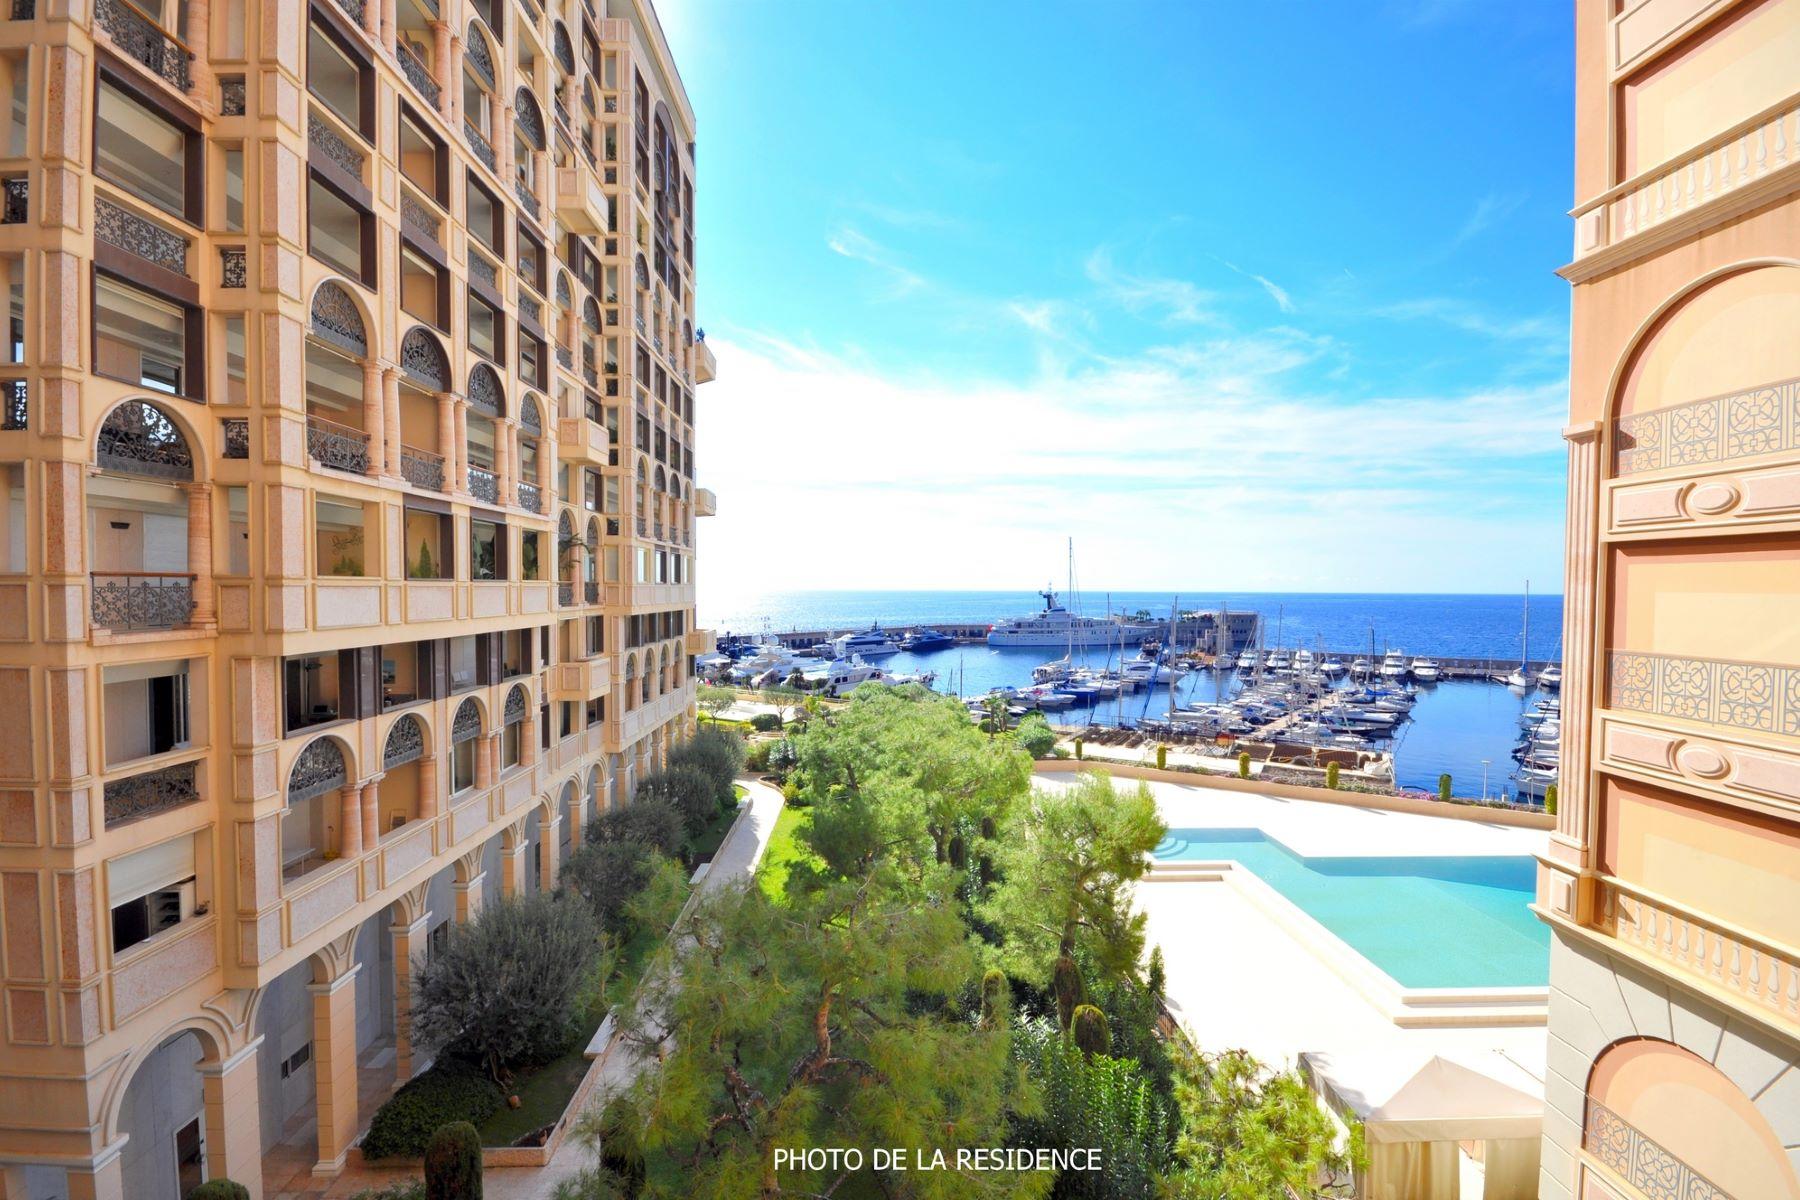 Propiedad en venta Monaco